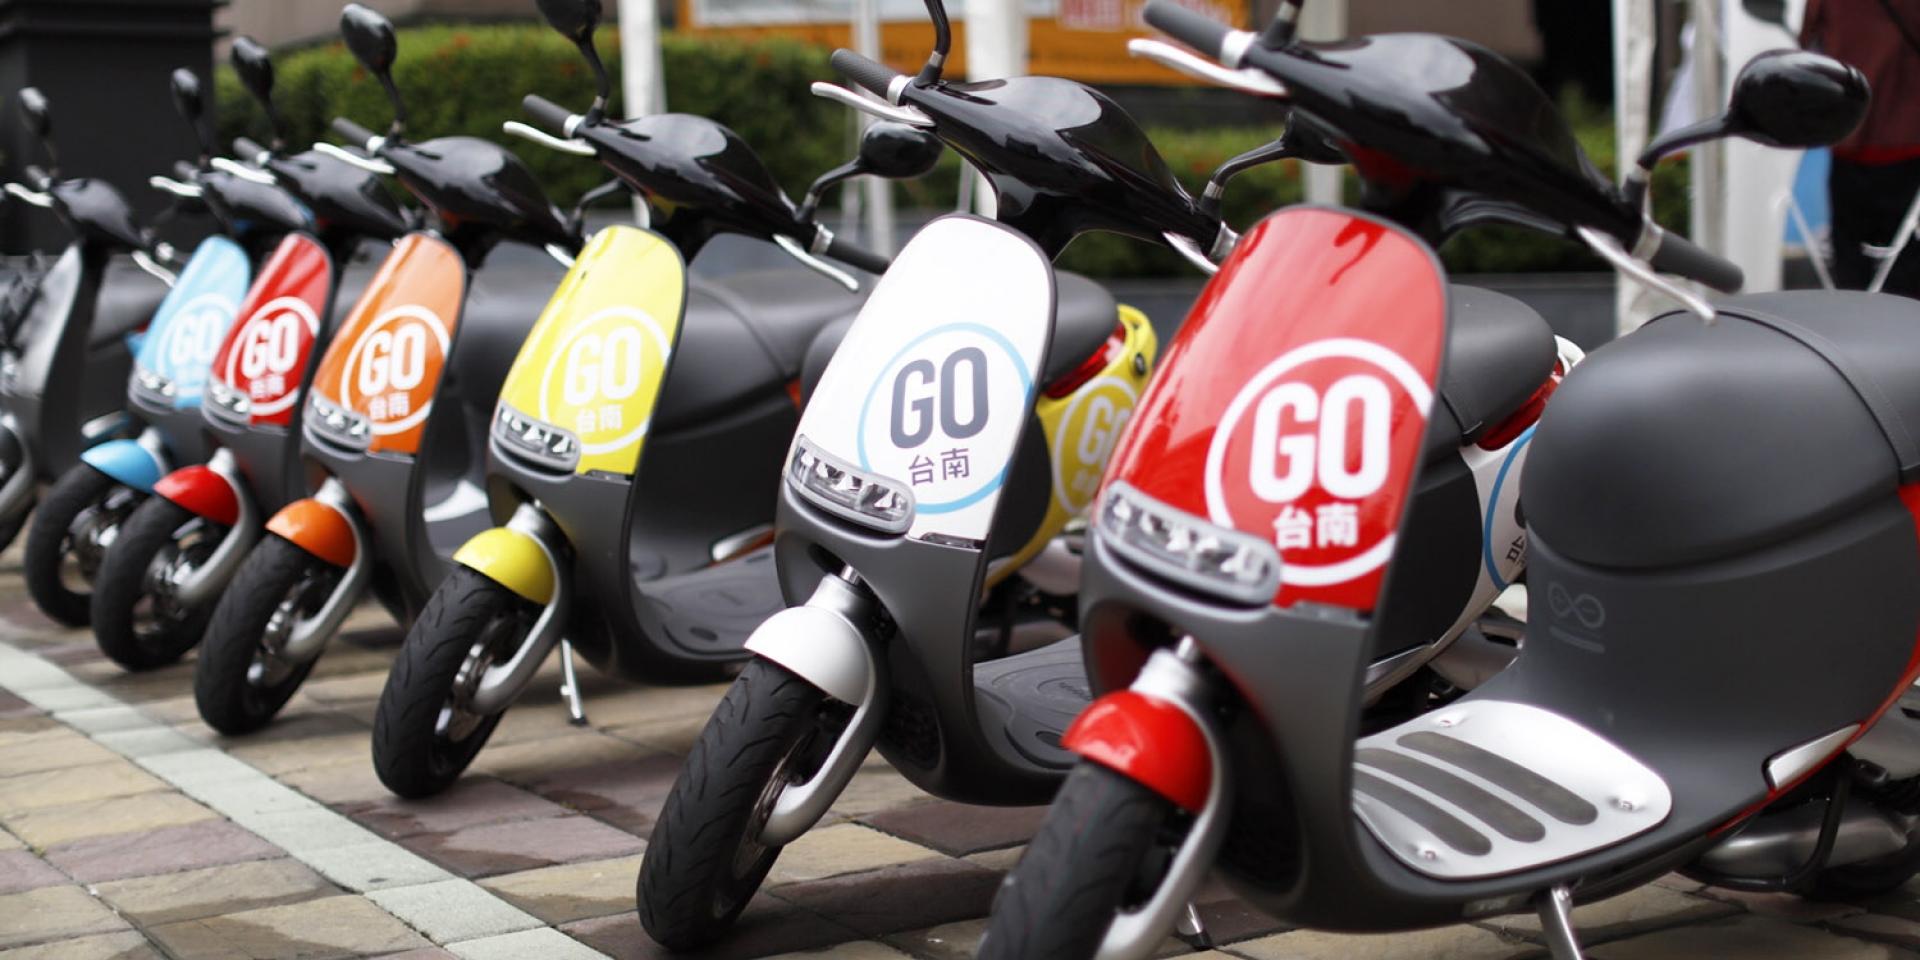 官方新聞稿。Gogoro 銷量再創歷史新高,正式進駐南台灣